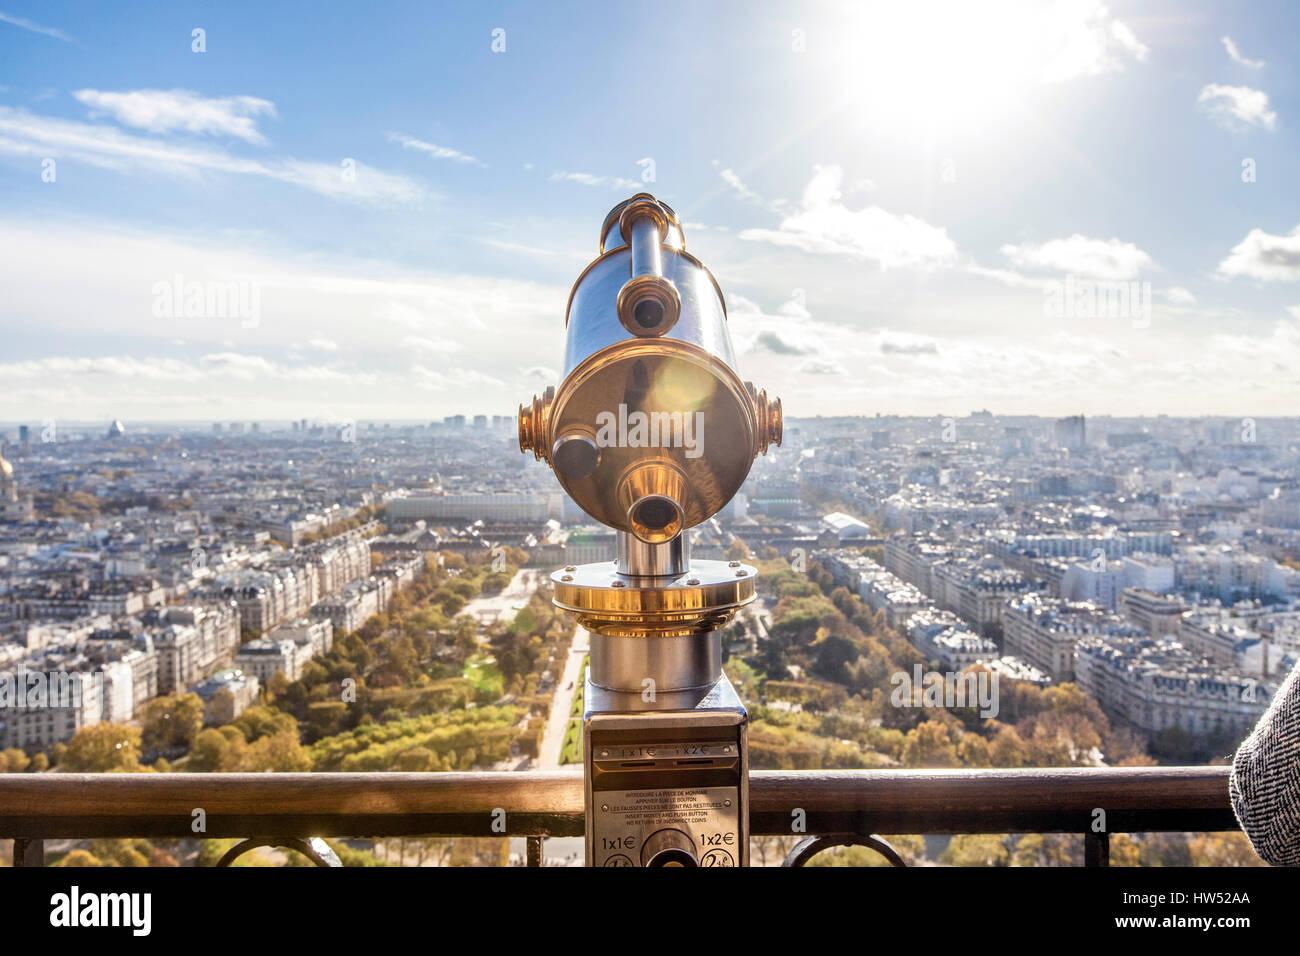 42a95e13c34c51 Visionneuse de la tour pour profiter de la belle vue de Paris du haut de la  fameuse Tour Eiffel, France. Il s agit d un pylône en treillis de fer situé  dans ...